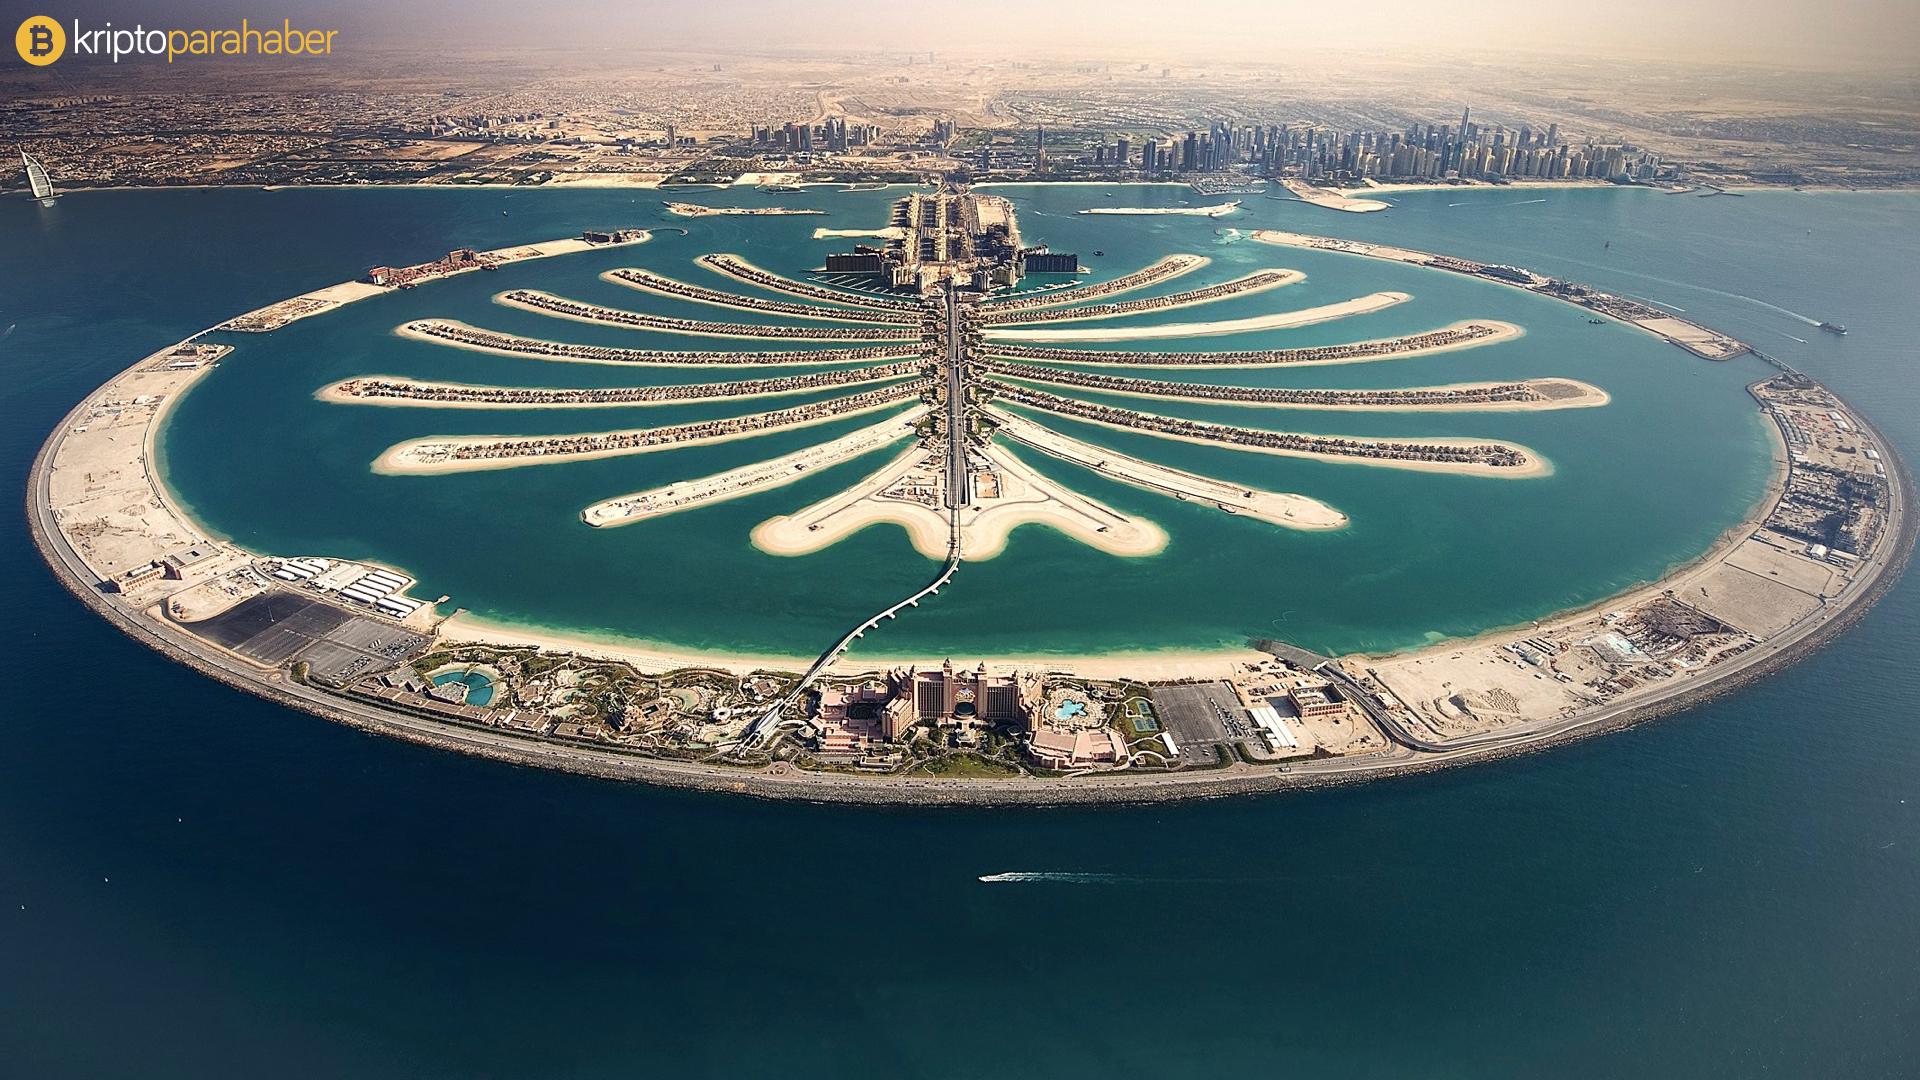 Birleşik Arap Emirlikleri, ilk resmi kayıtlı kripto borsası ile gündemde.